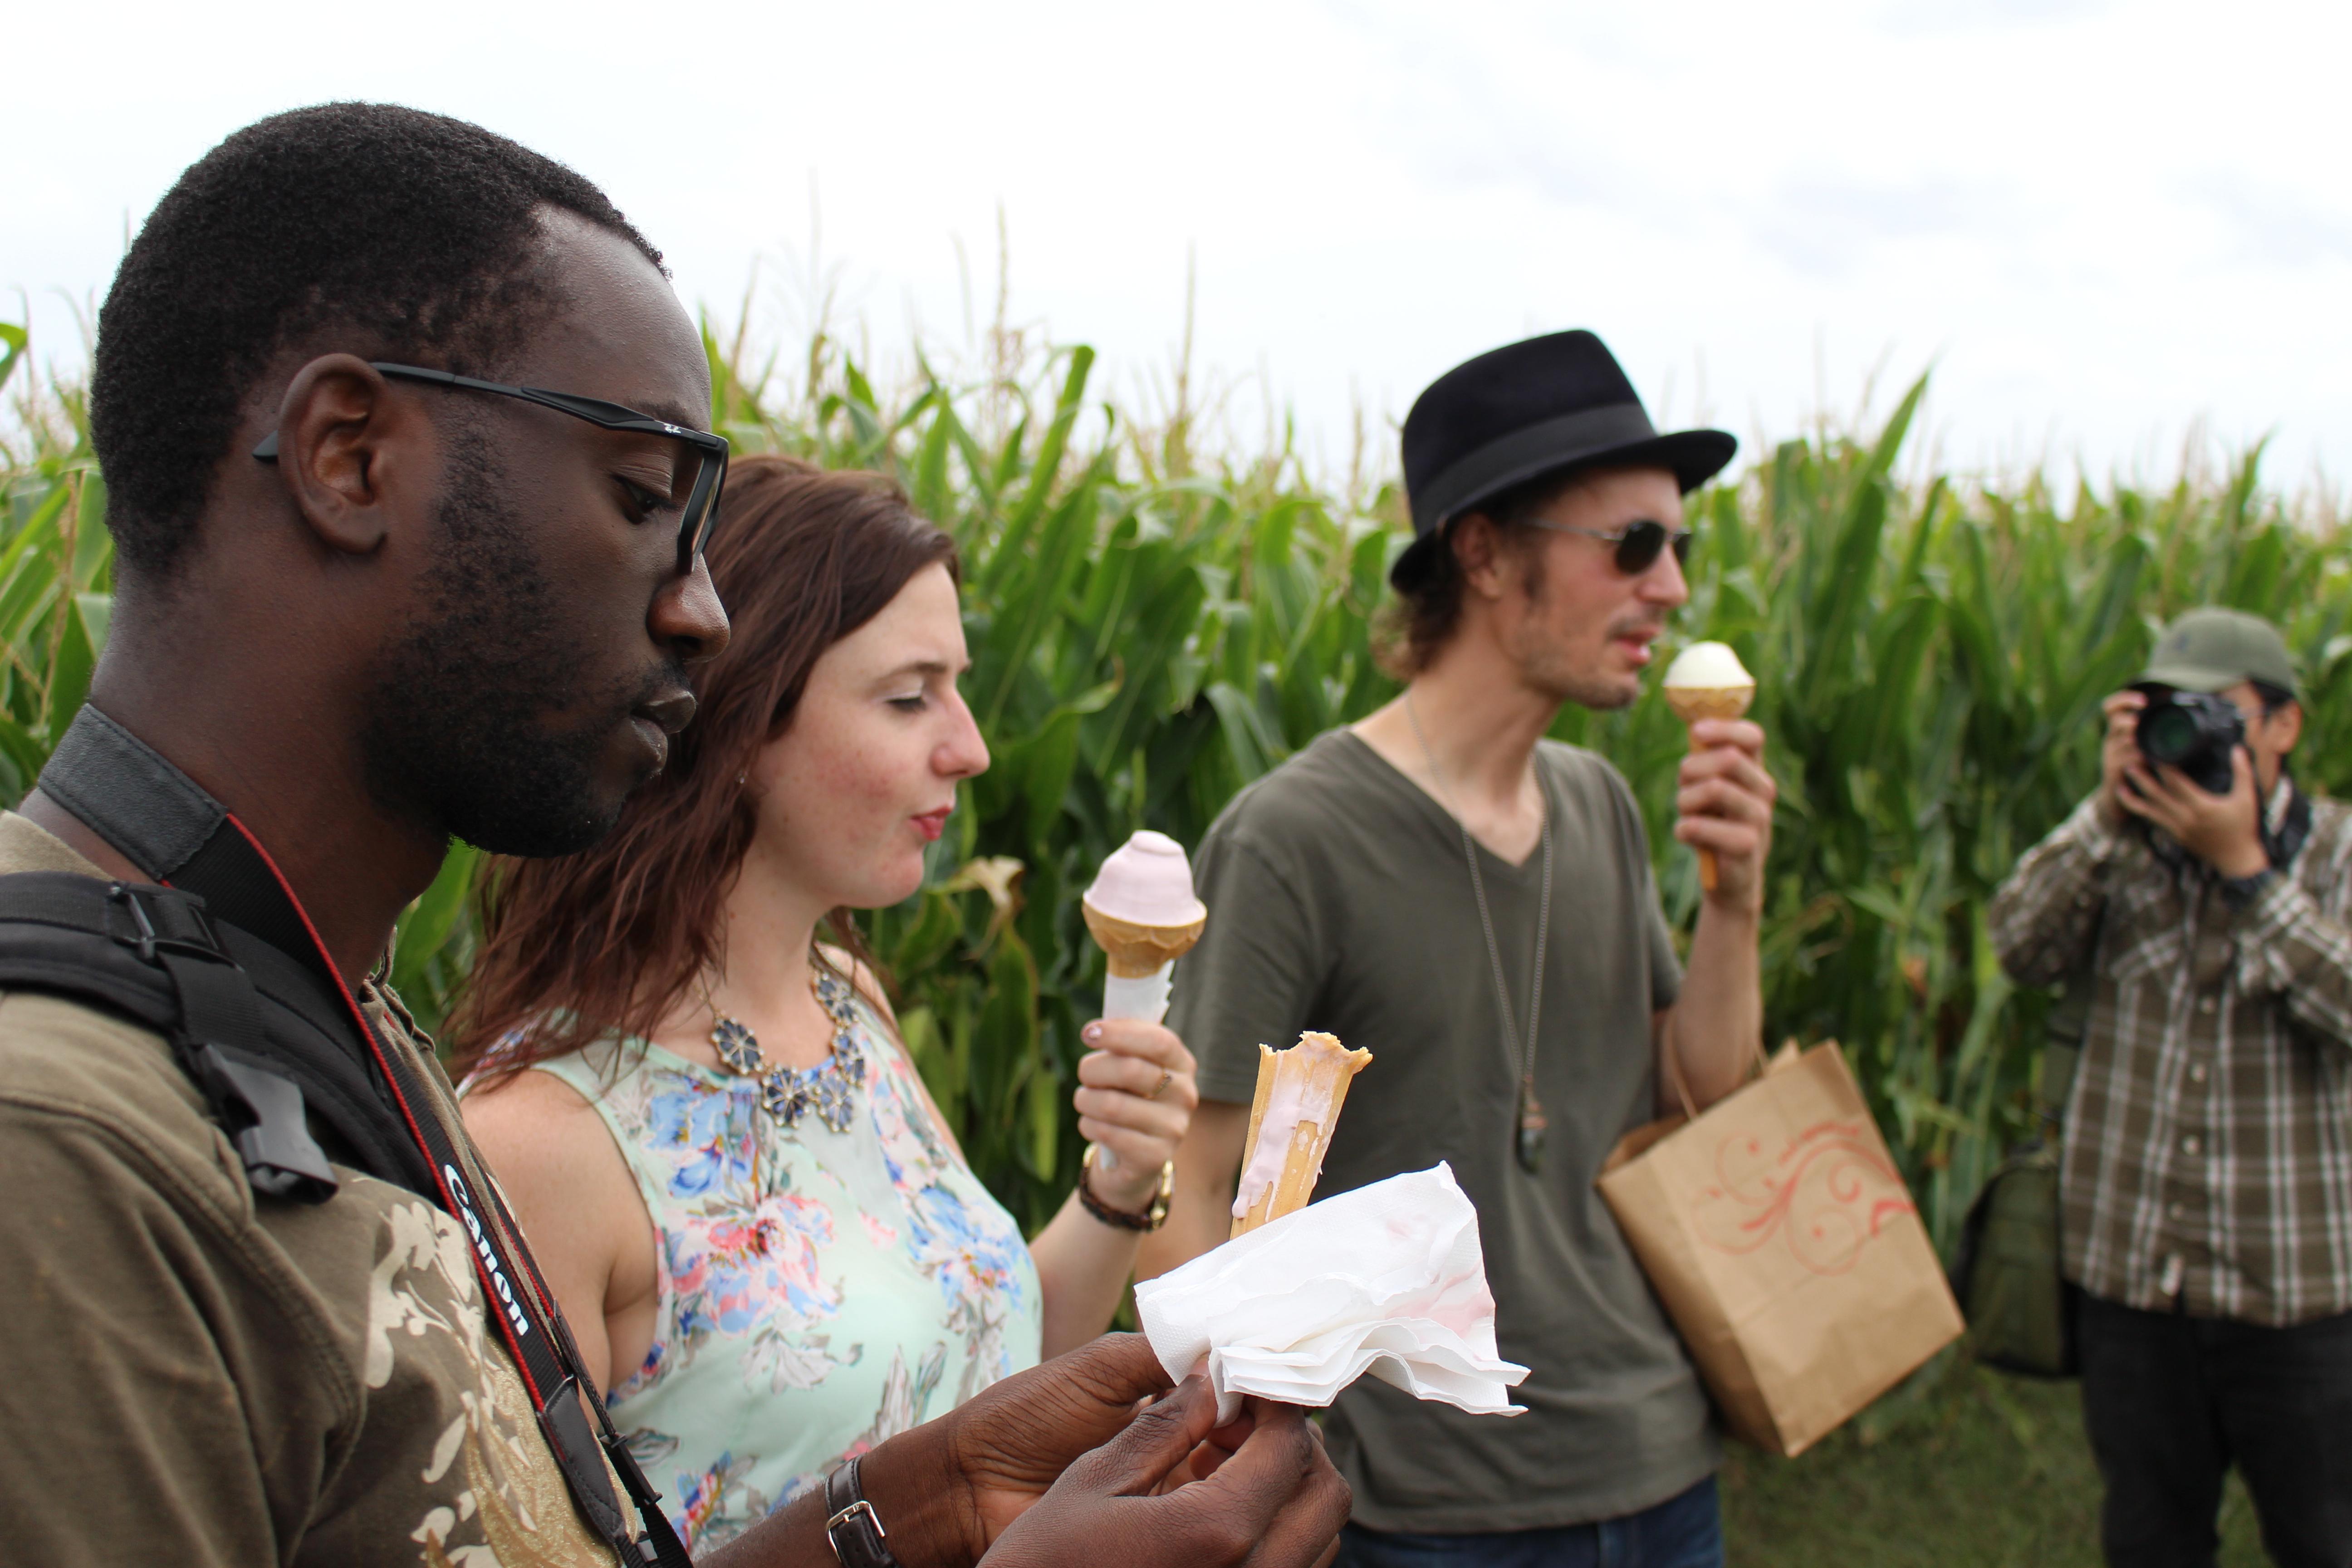 IgersOttawa Experimental Farm ConesBeforePhones Style Domination Ottawa Blogger